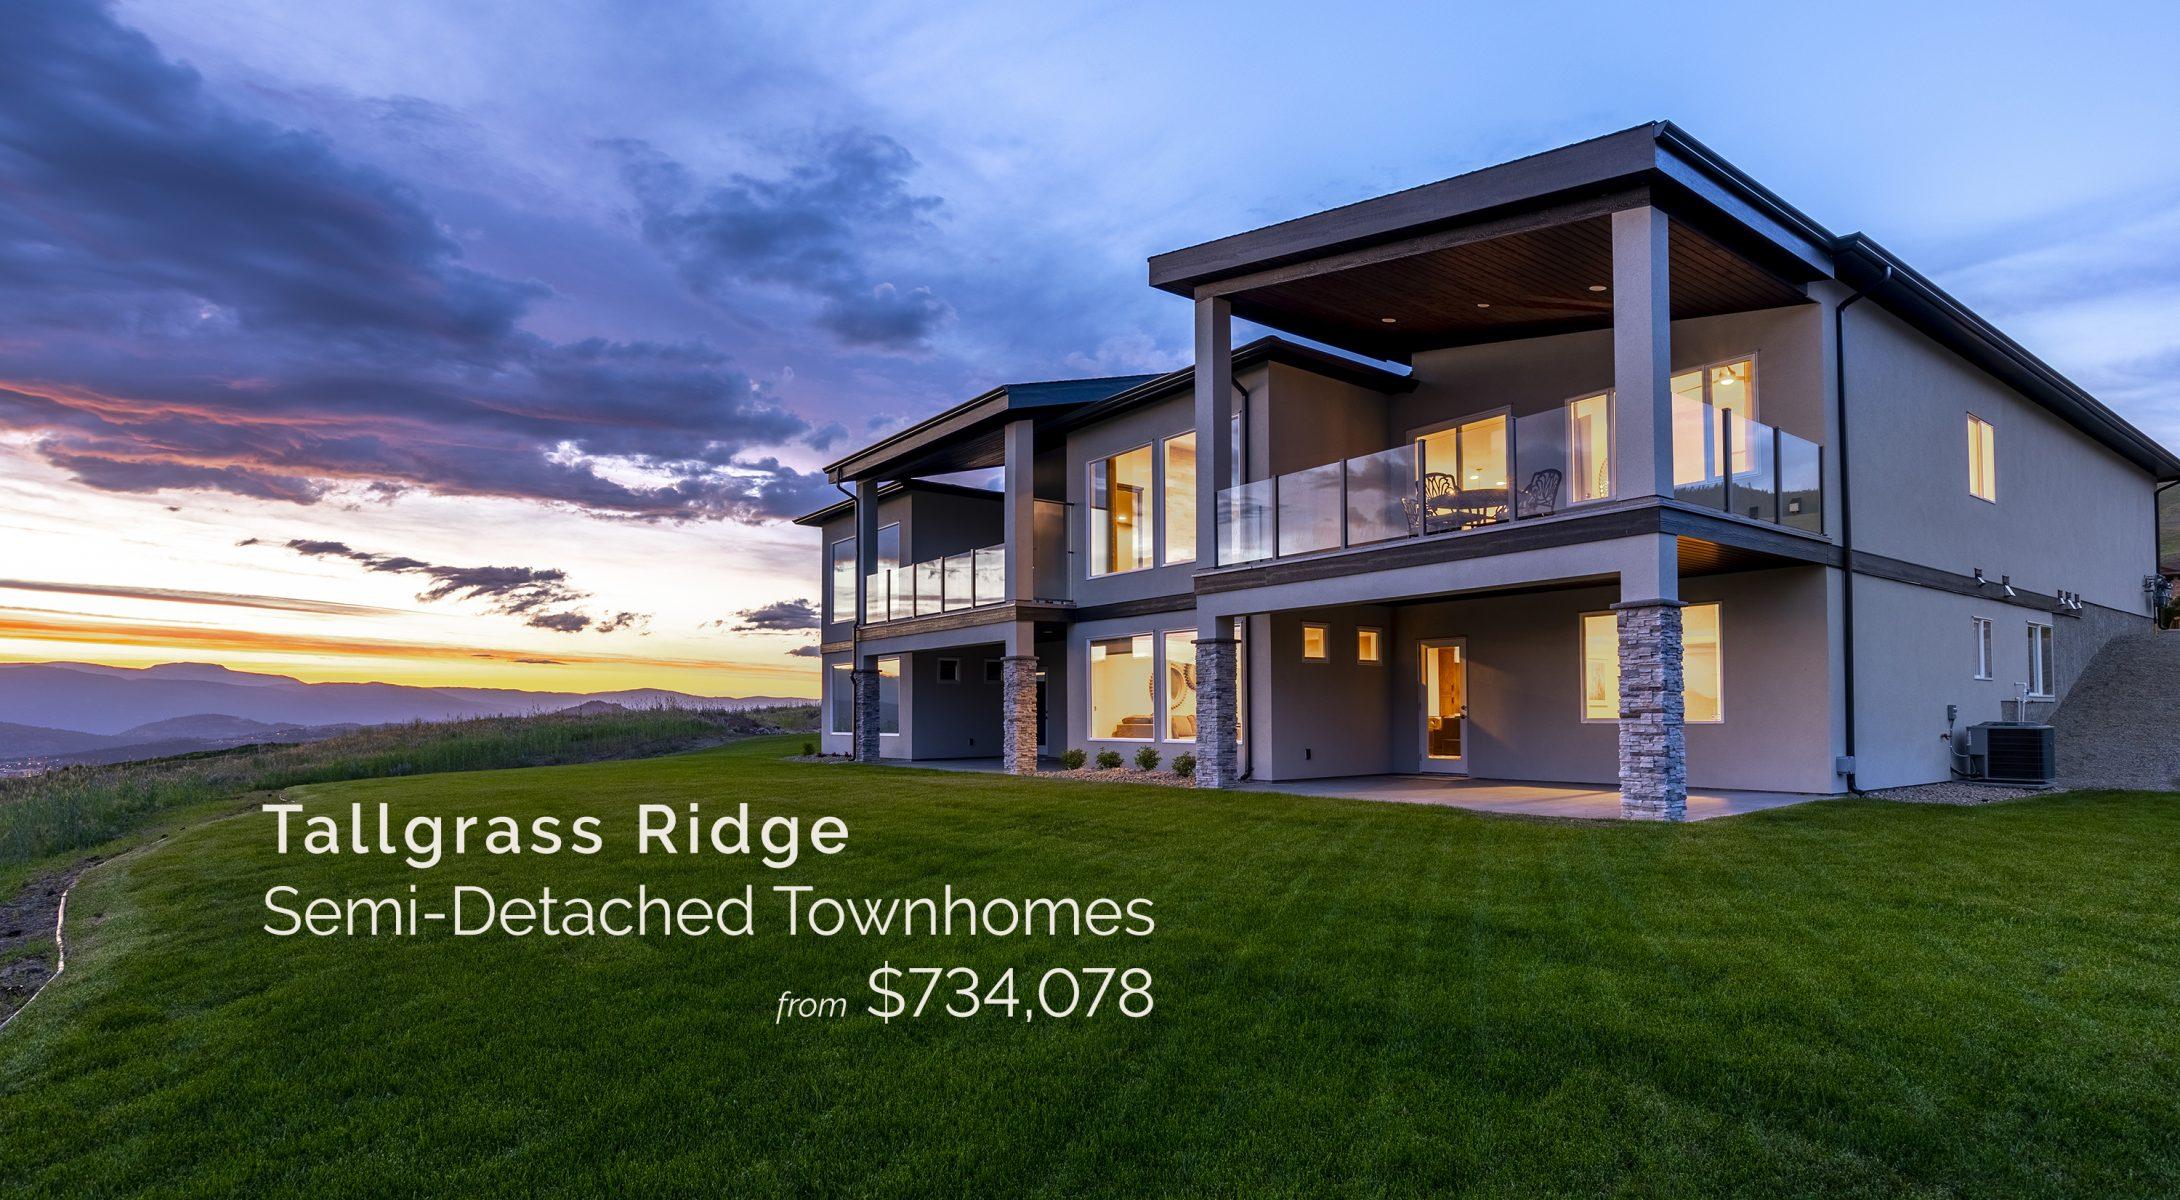 Tallgrass Ridge Views